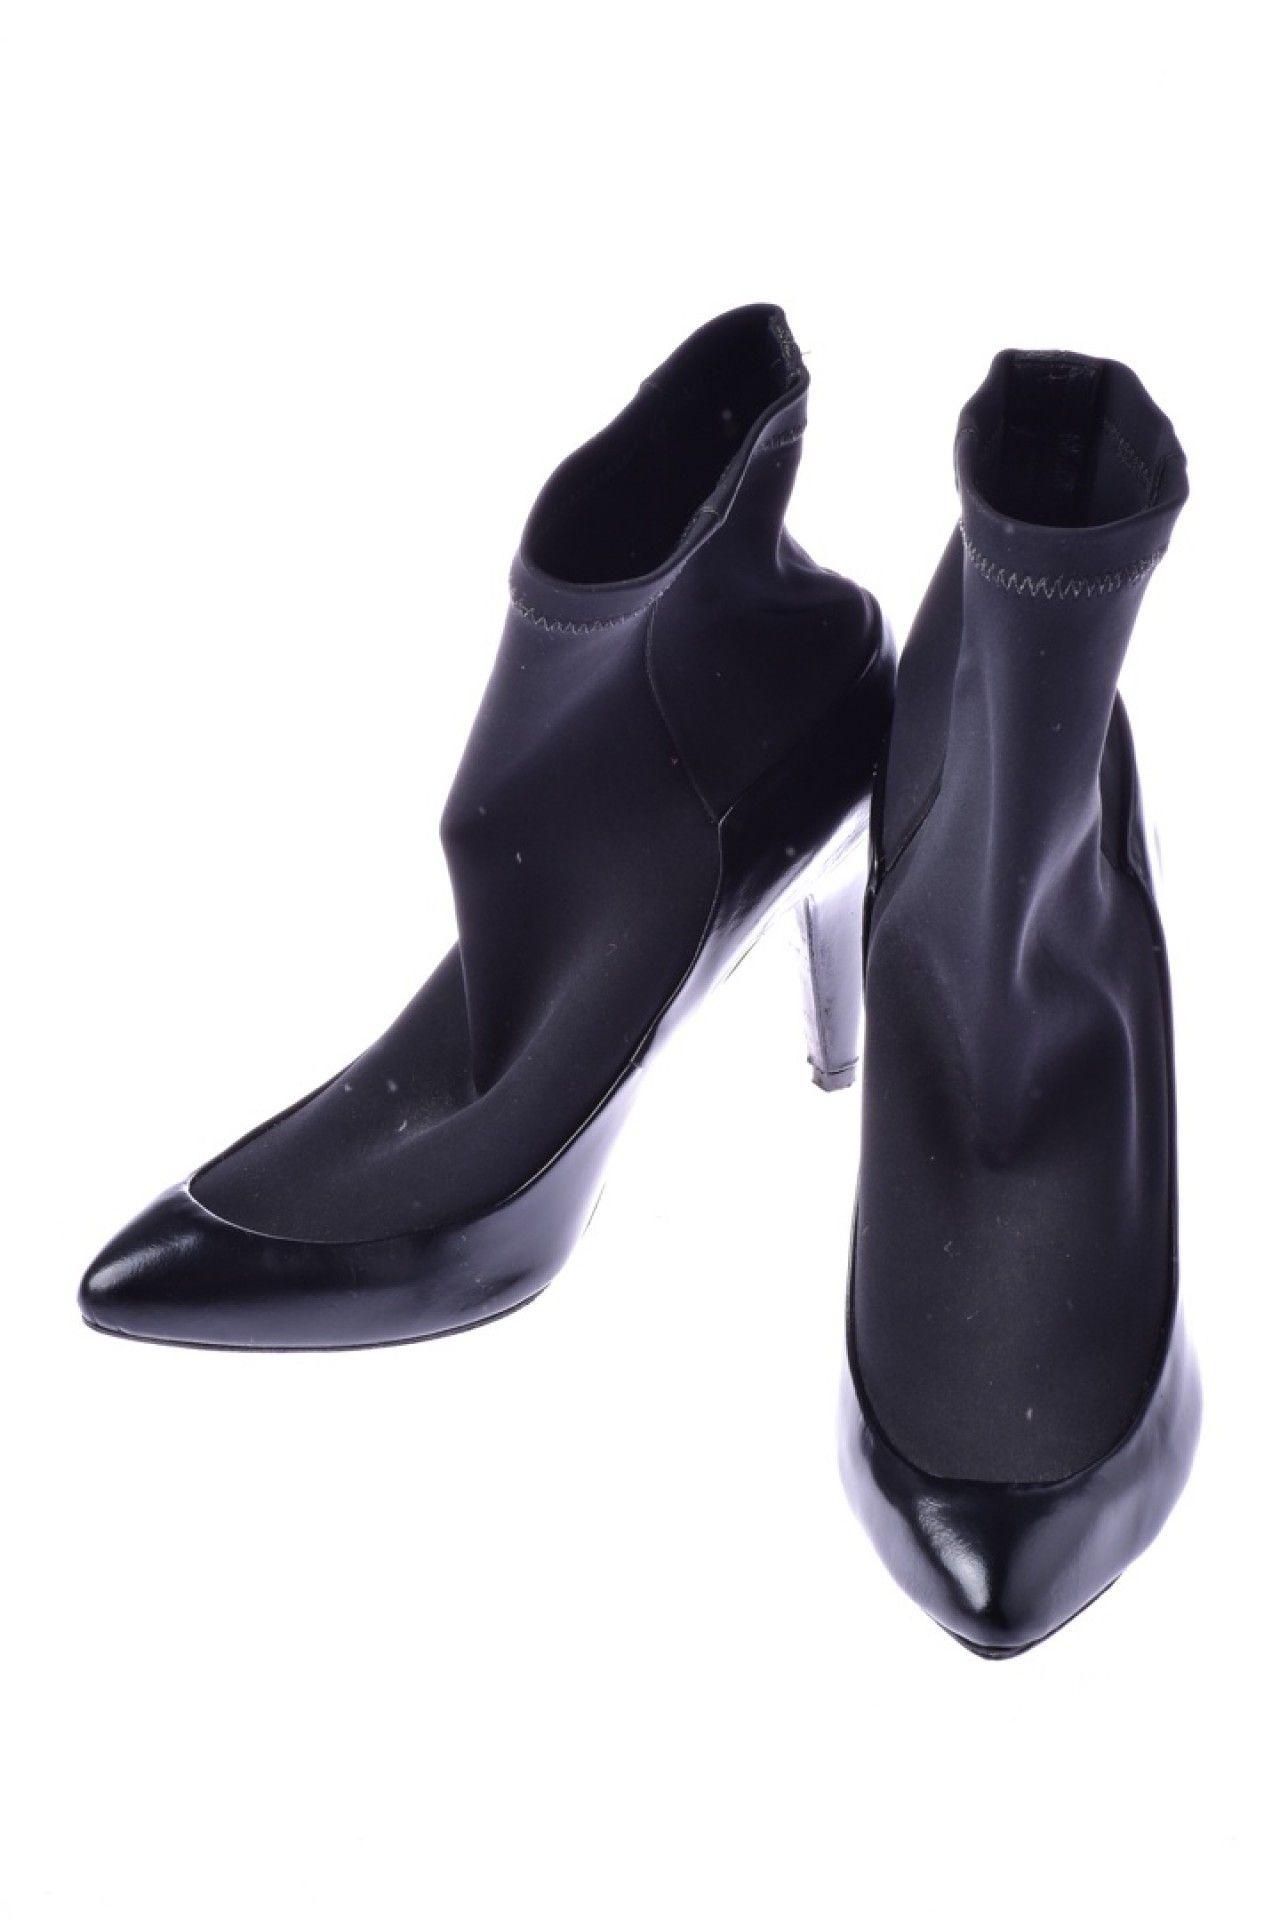 Tufi Duek - Sapato Preto Tecido  - Foto 2